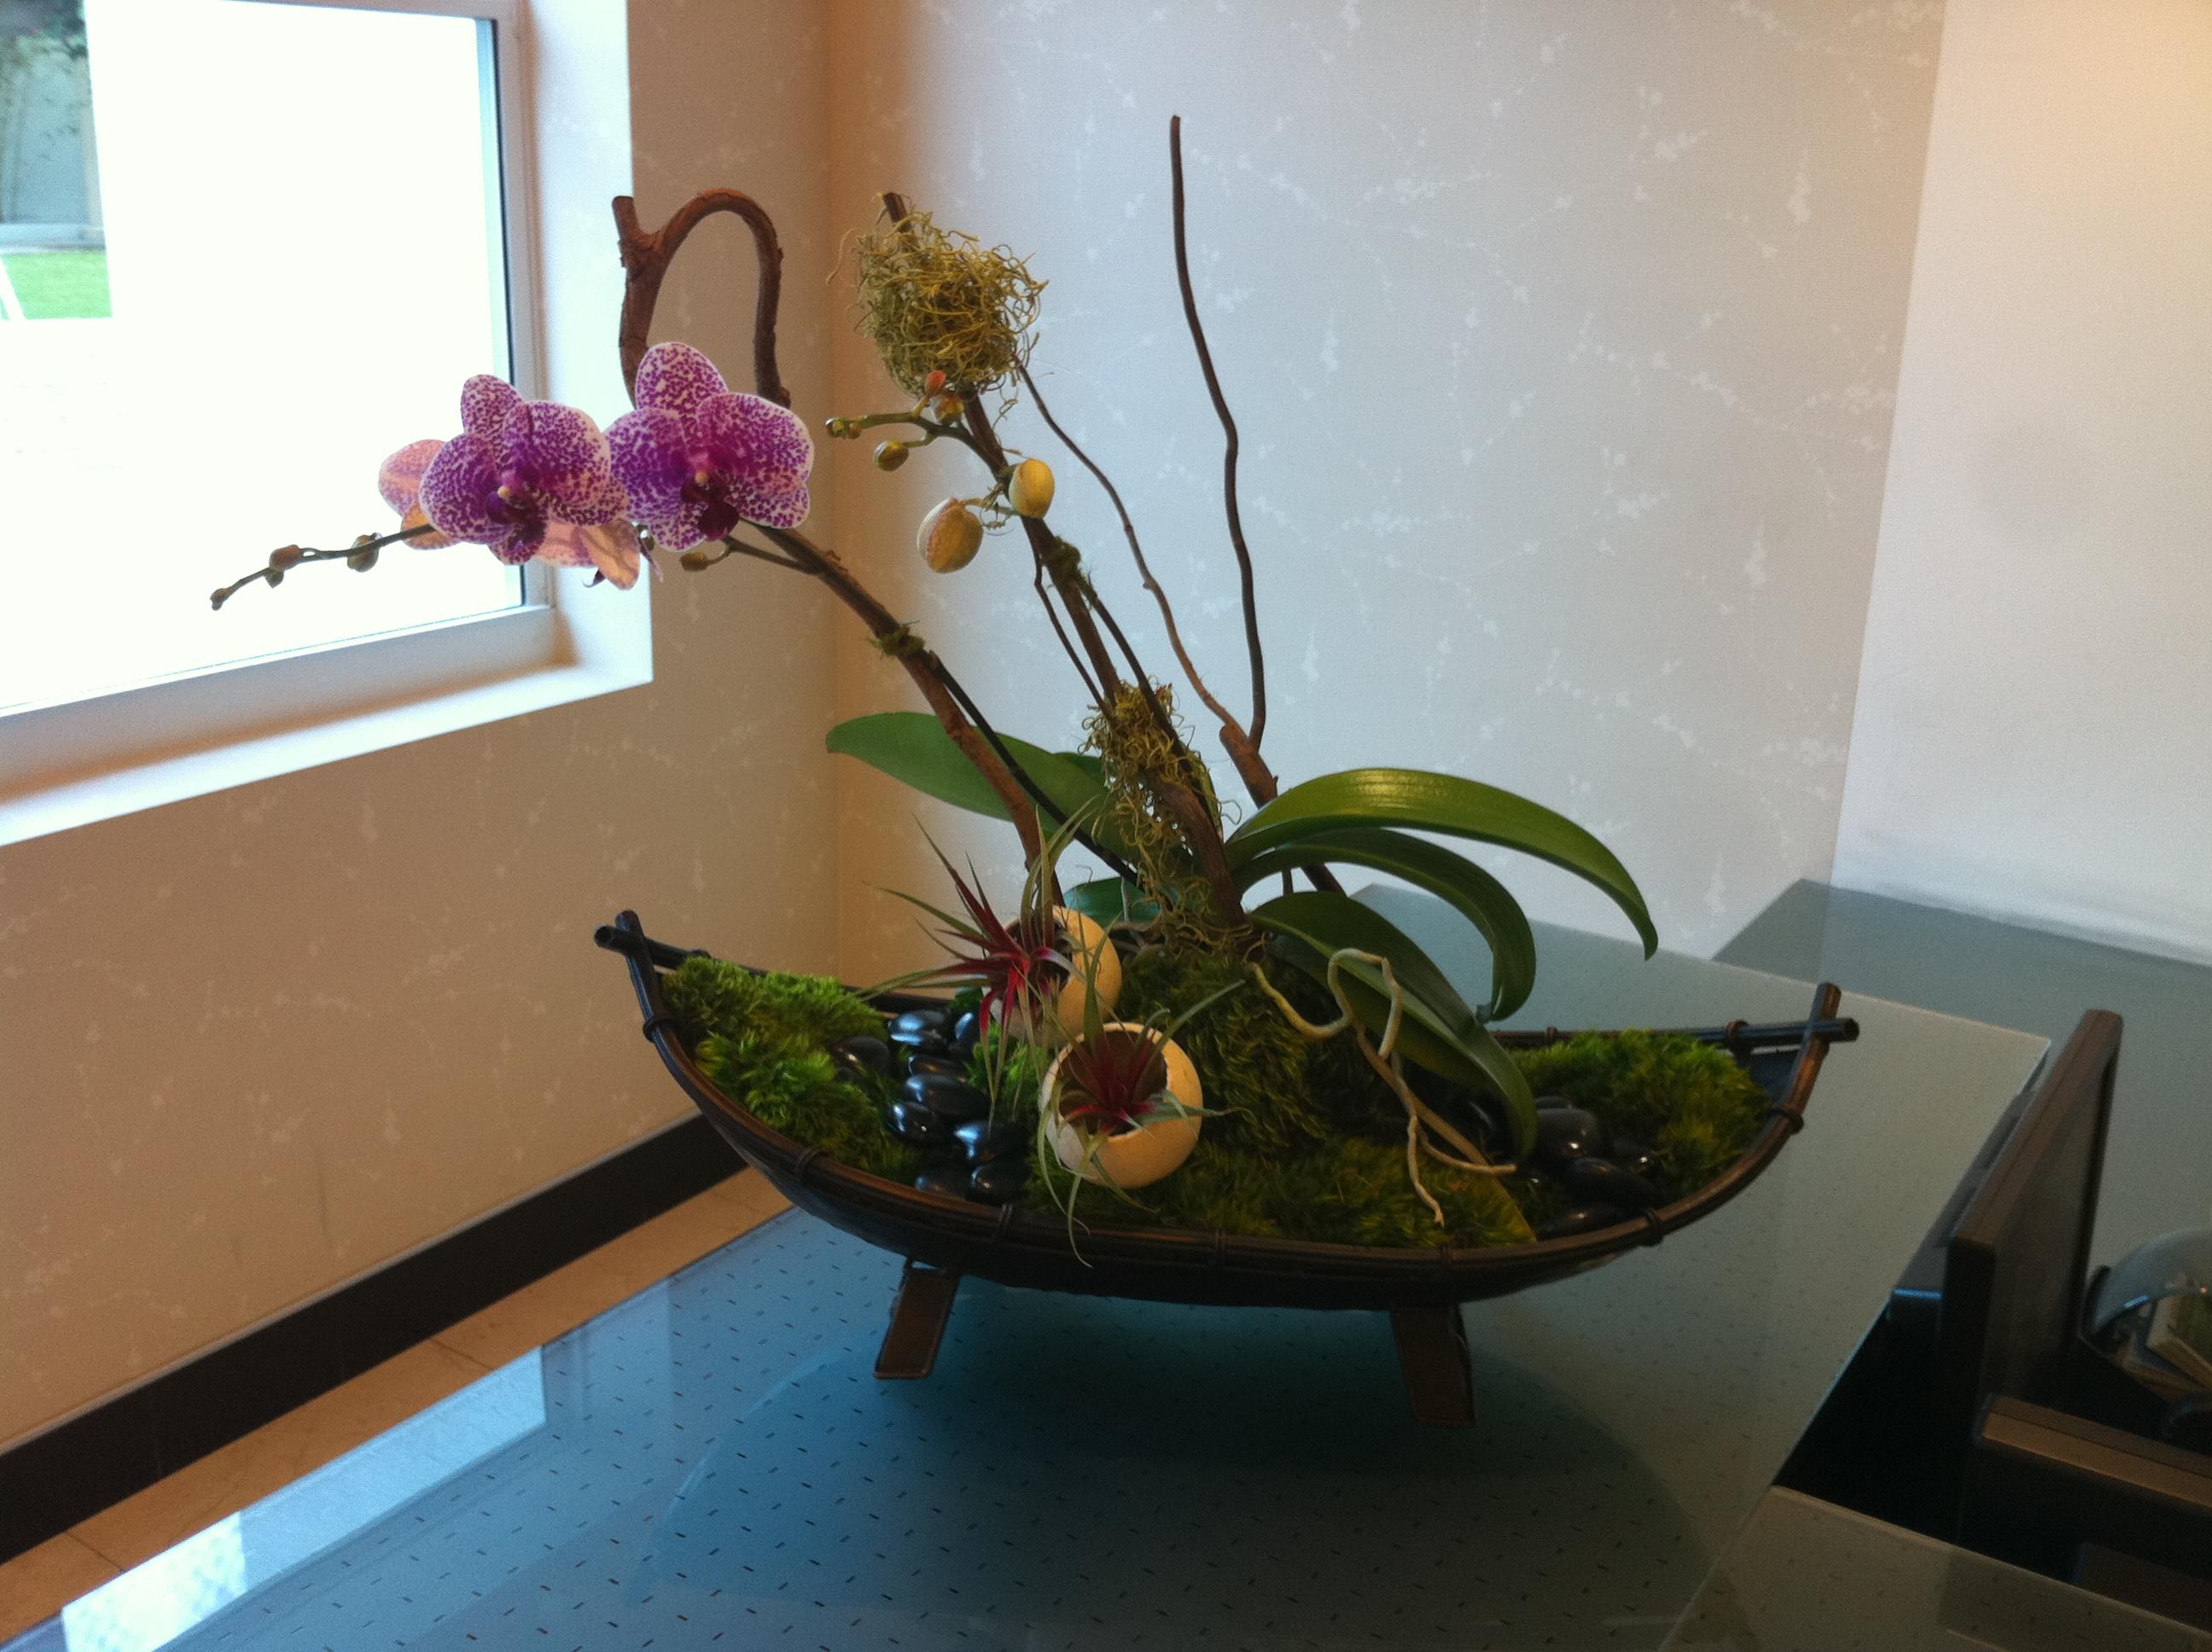 Interior plant design photos plant professionals miami fl for Interior plant designs